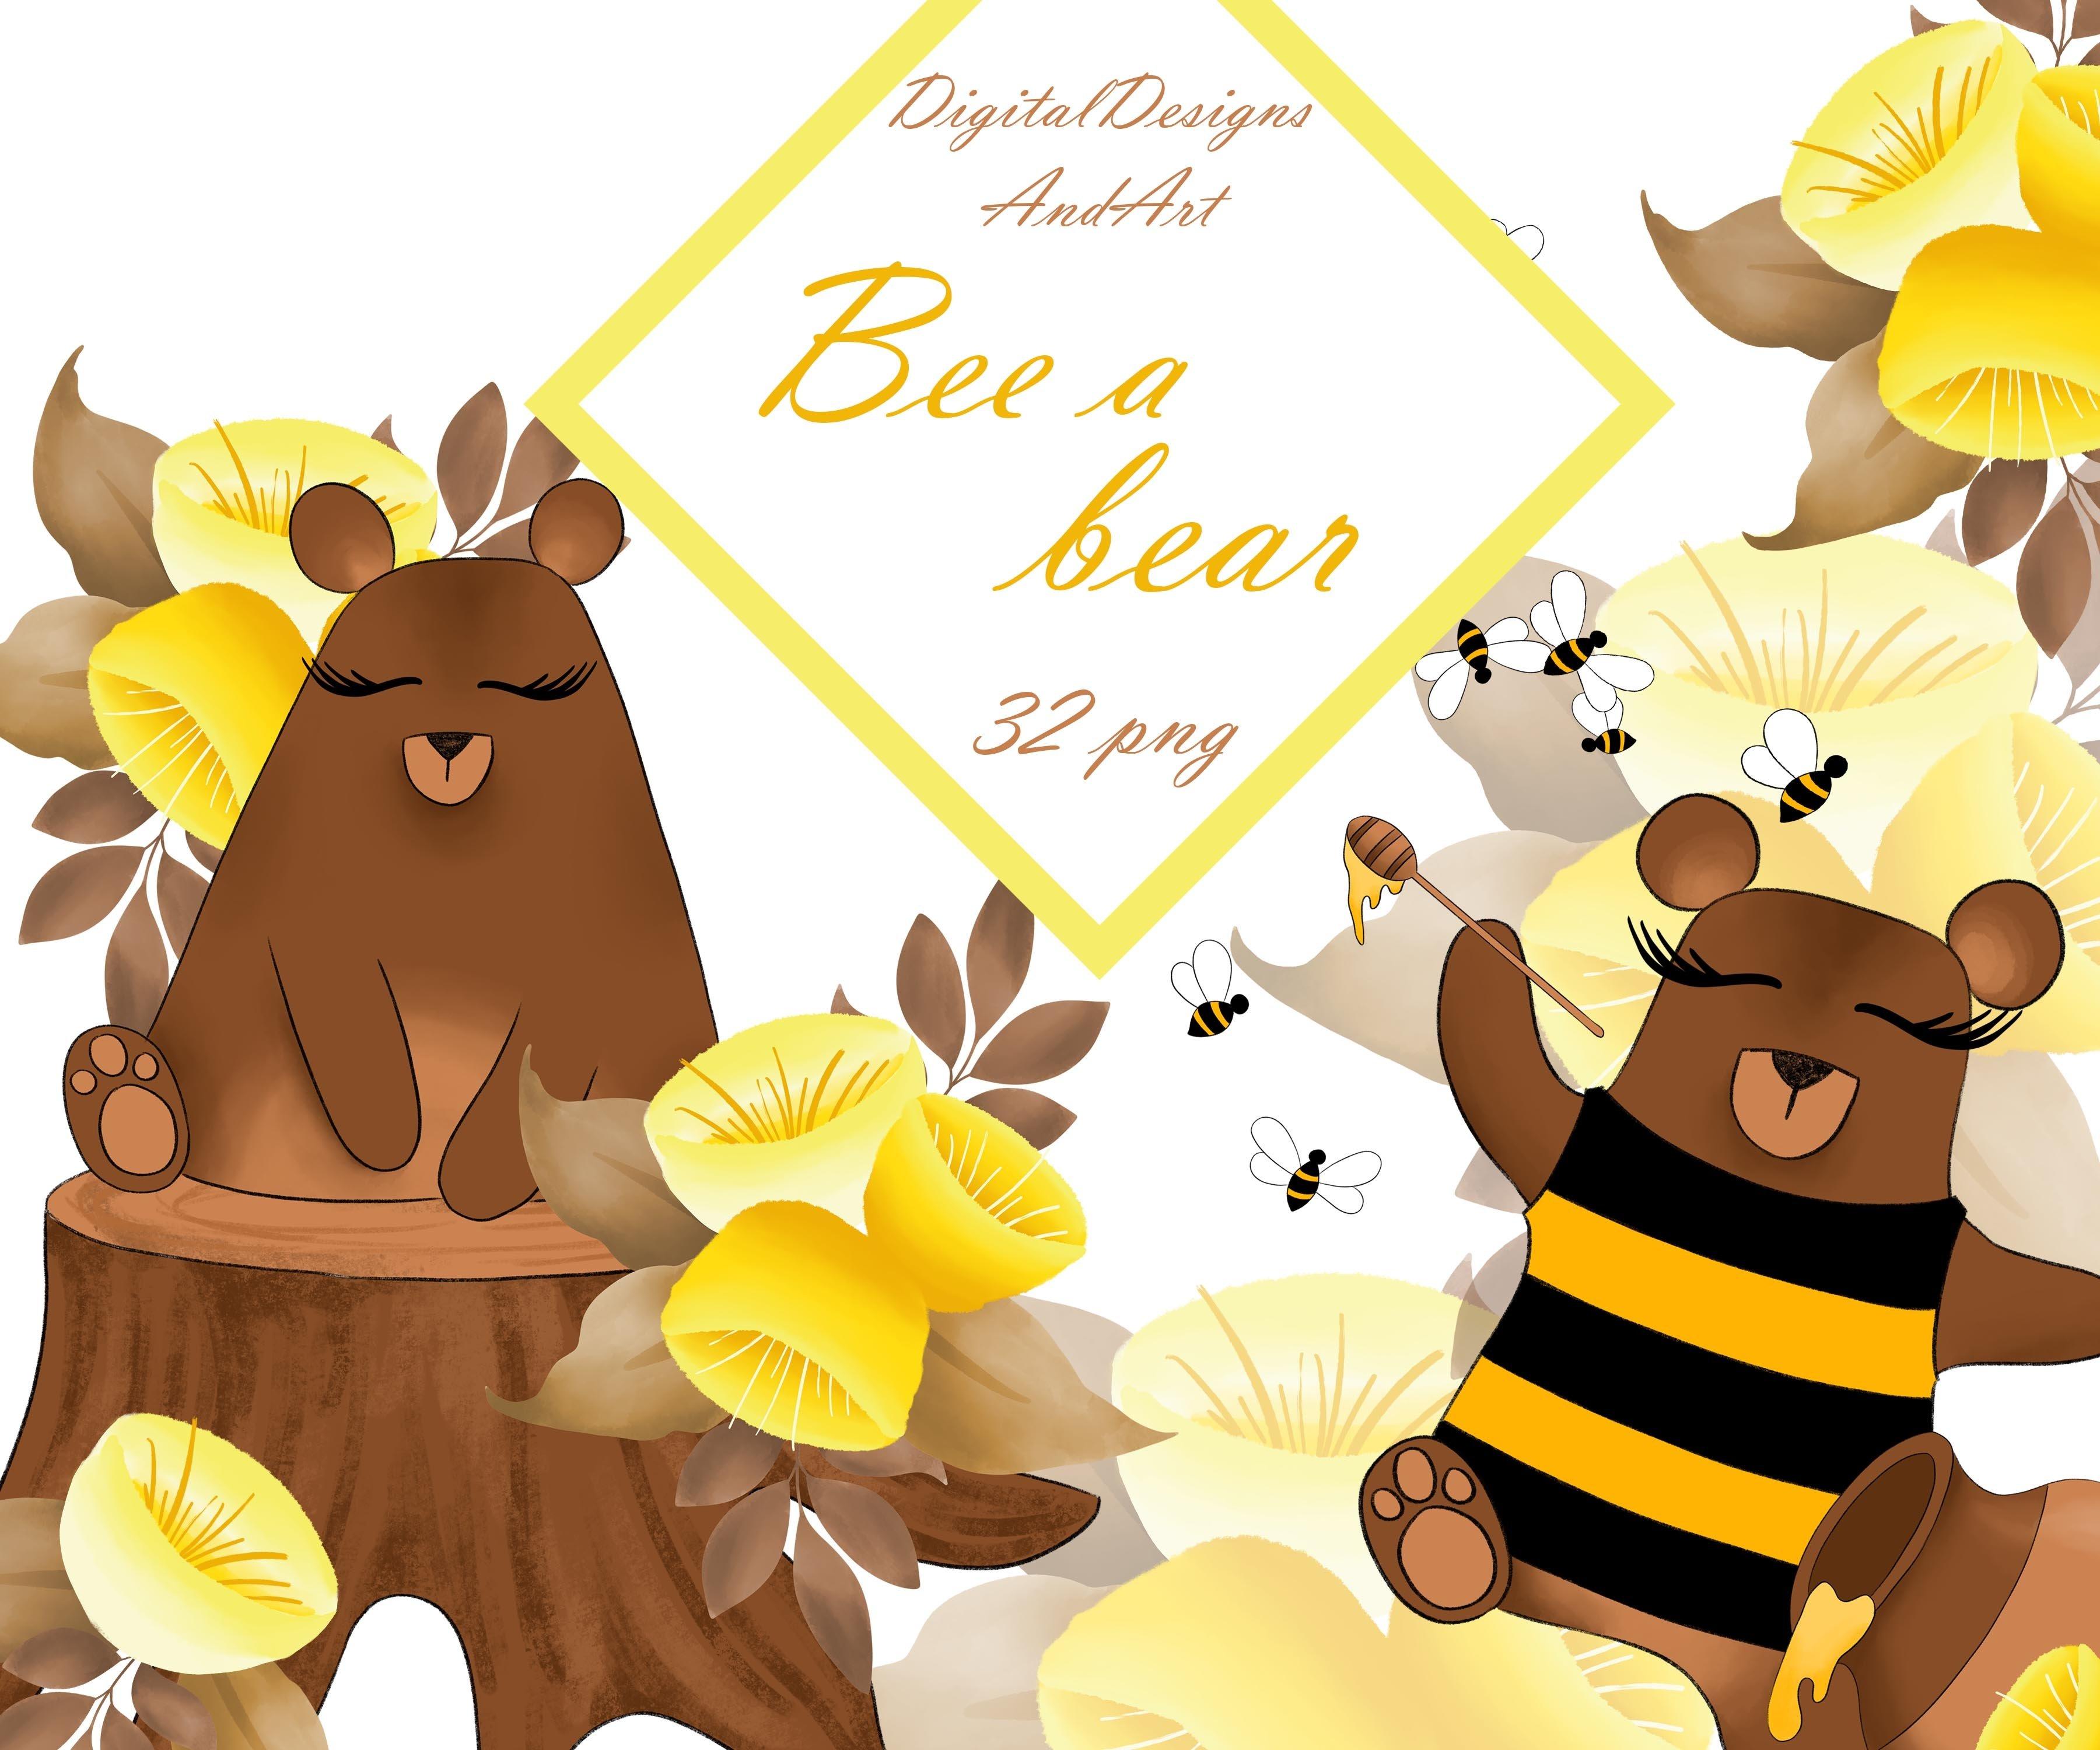 Bee a bear clipart